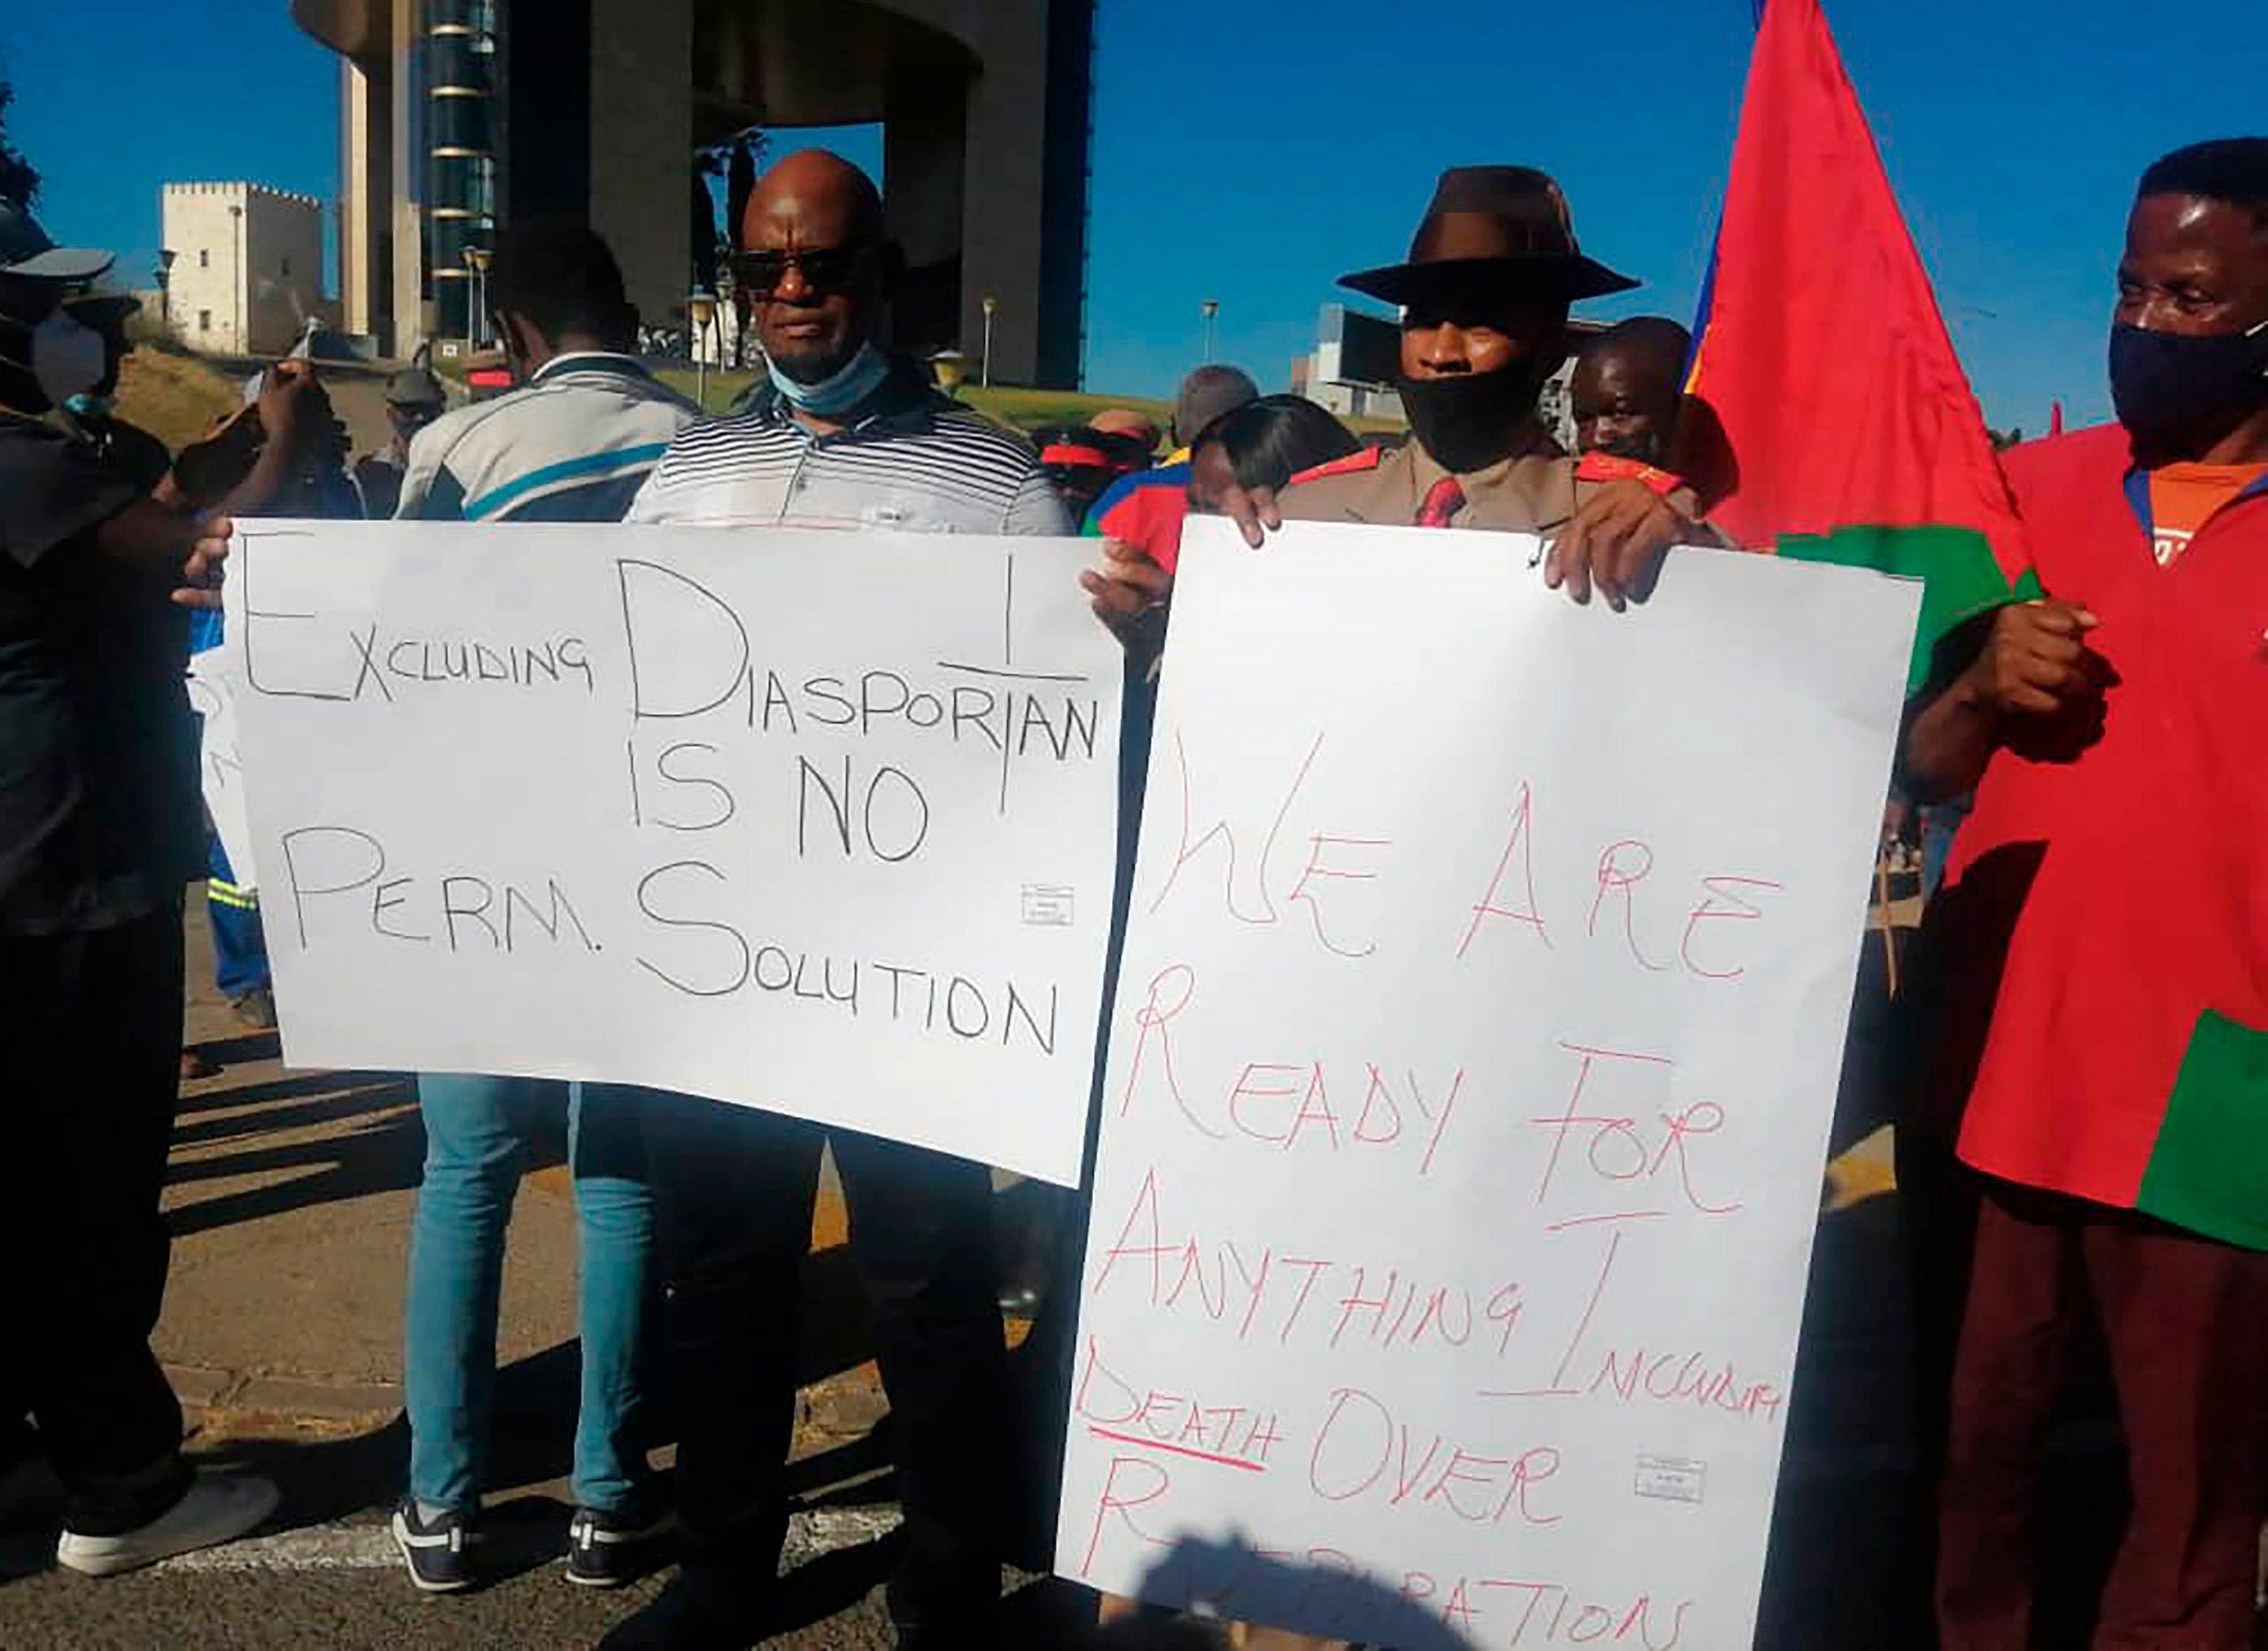 Einige namibische Stammesführer akzeptieren ein deutsches Entschädigungsangebot in Höhe von 1,3 Milliarden US-Dollar | عرض  Die Stimme Amerikas